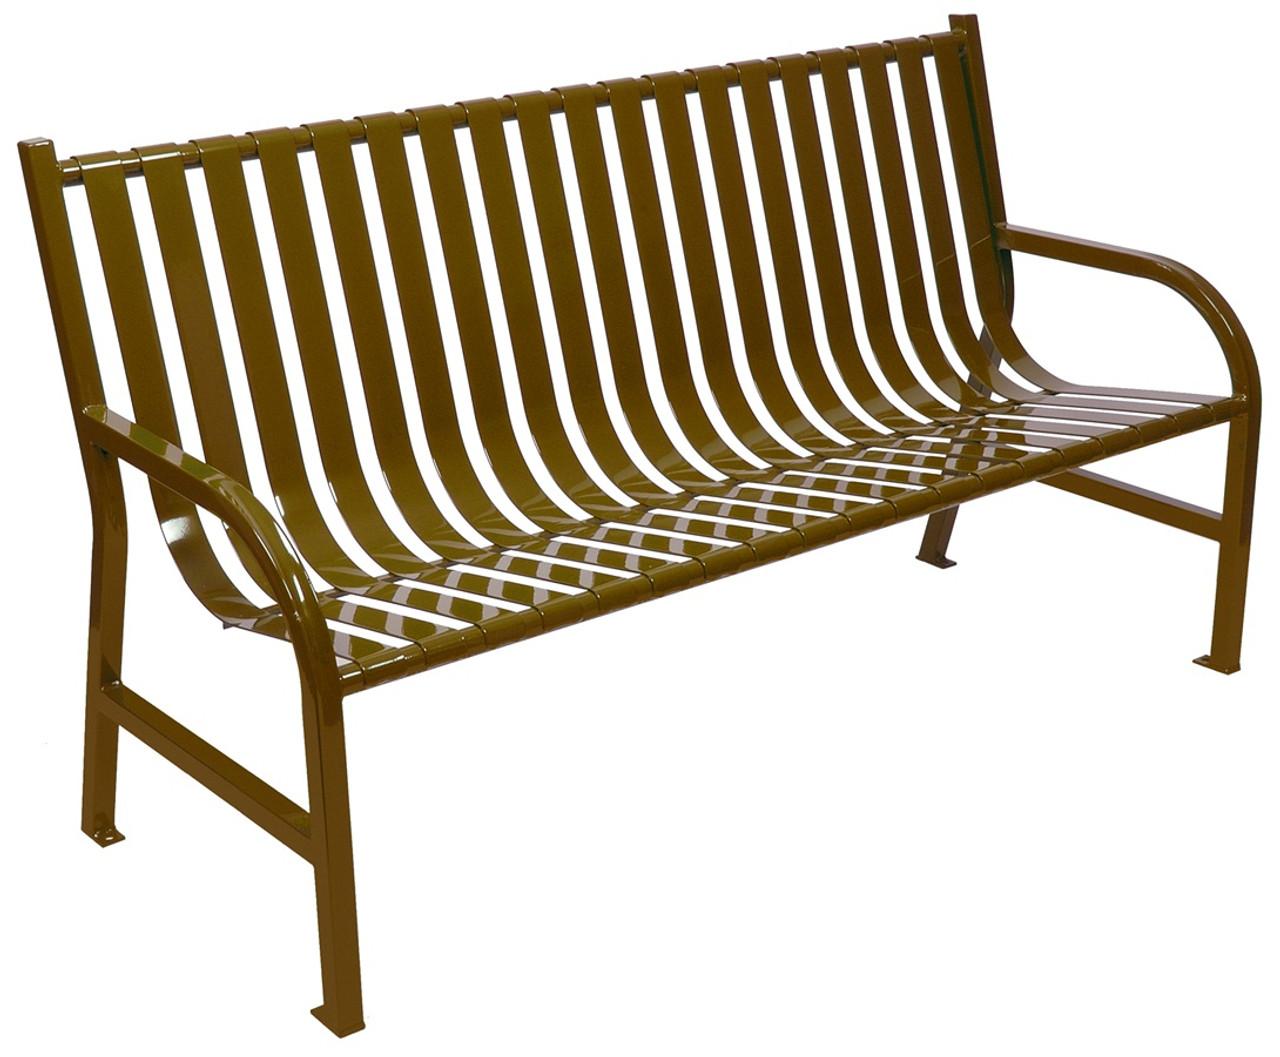 Witt Industries Oakley Outdoor Slatted Bench 5 Foot Brown